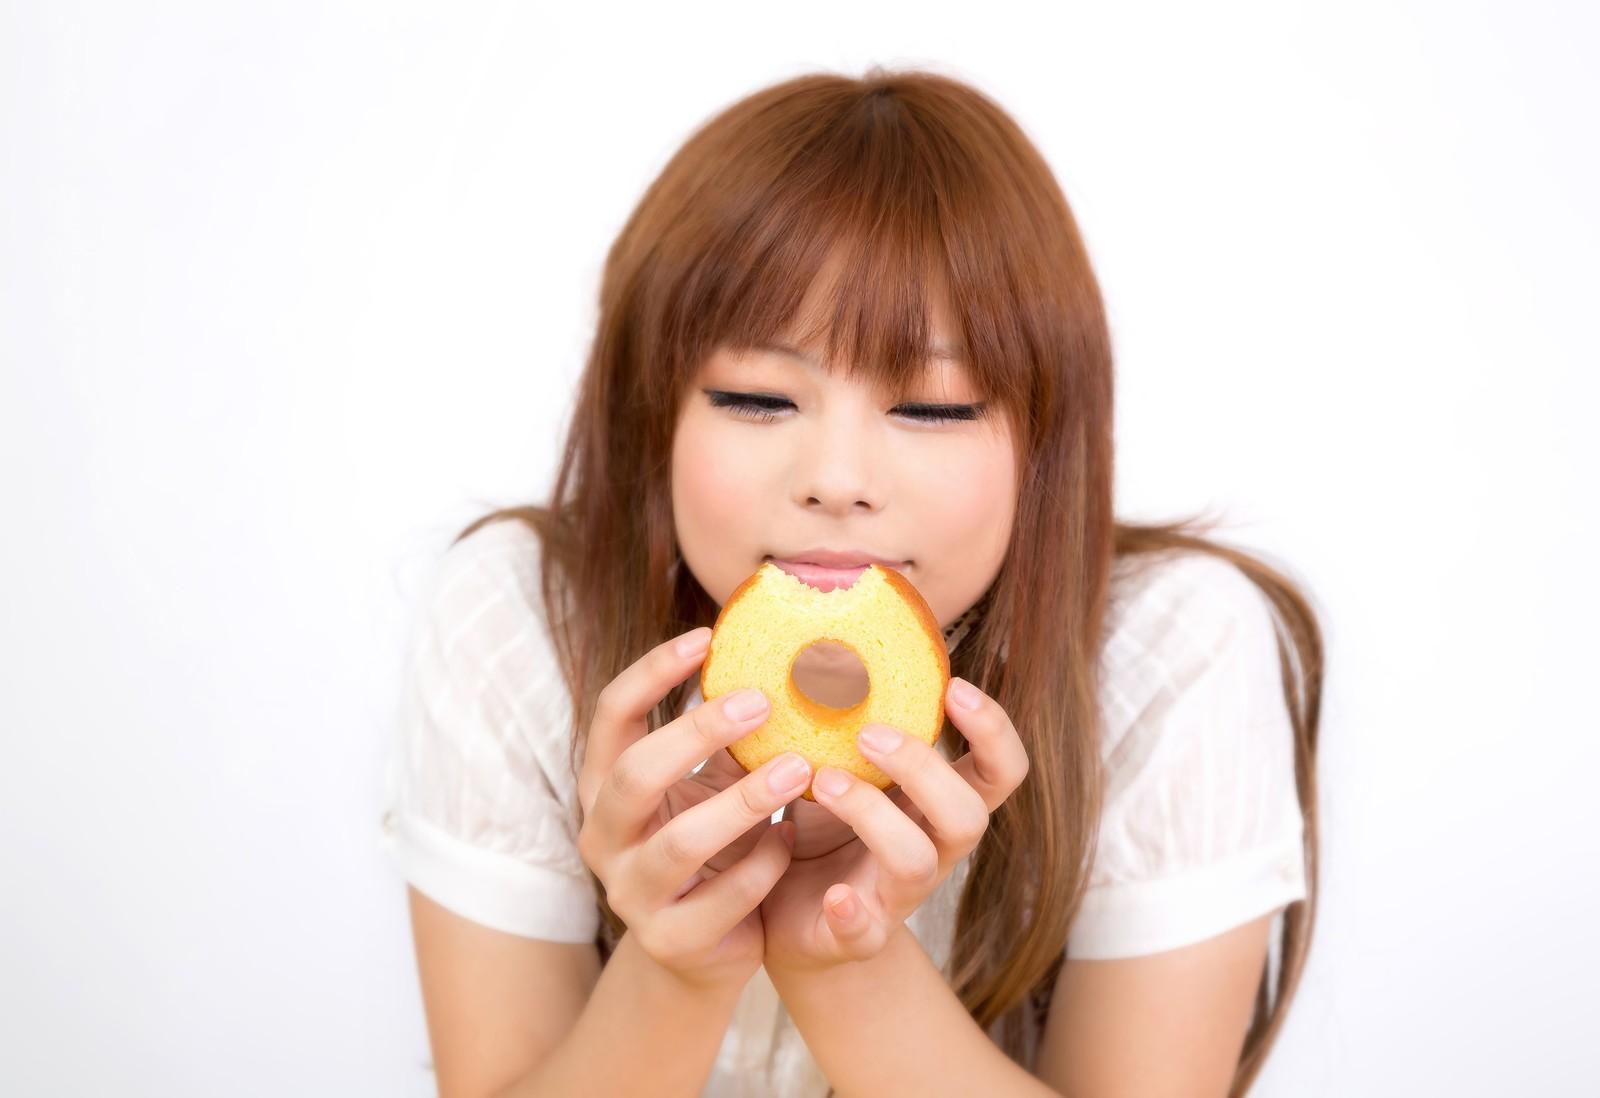 茶髪の女性がドーナツを食べている